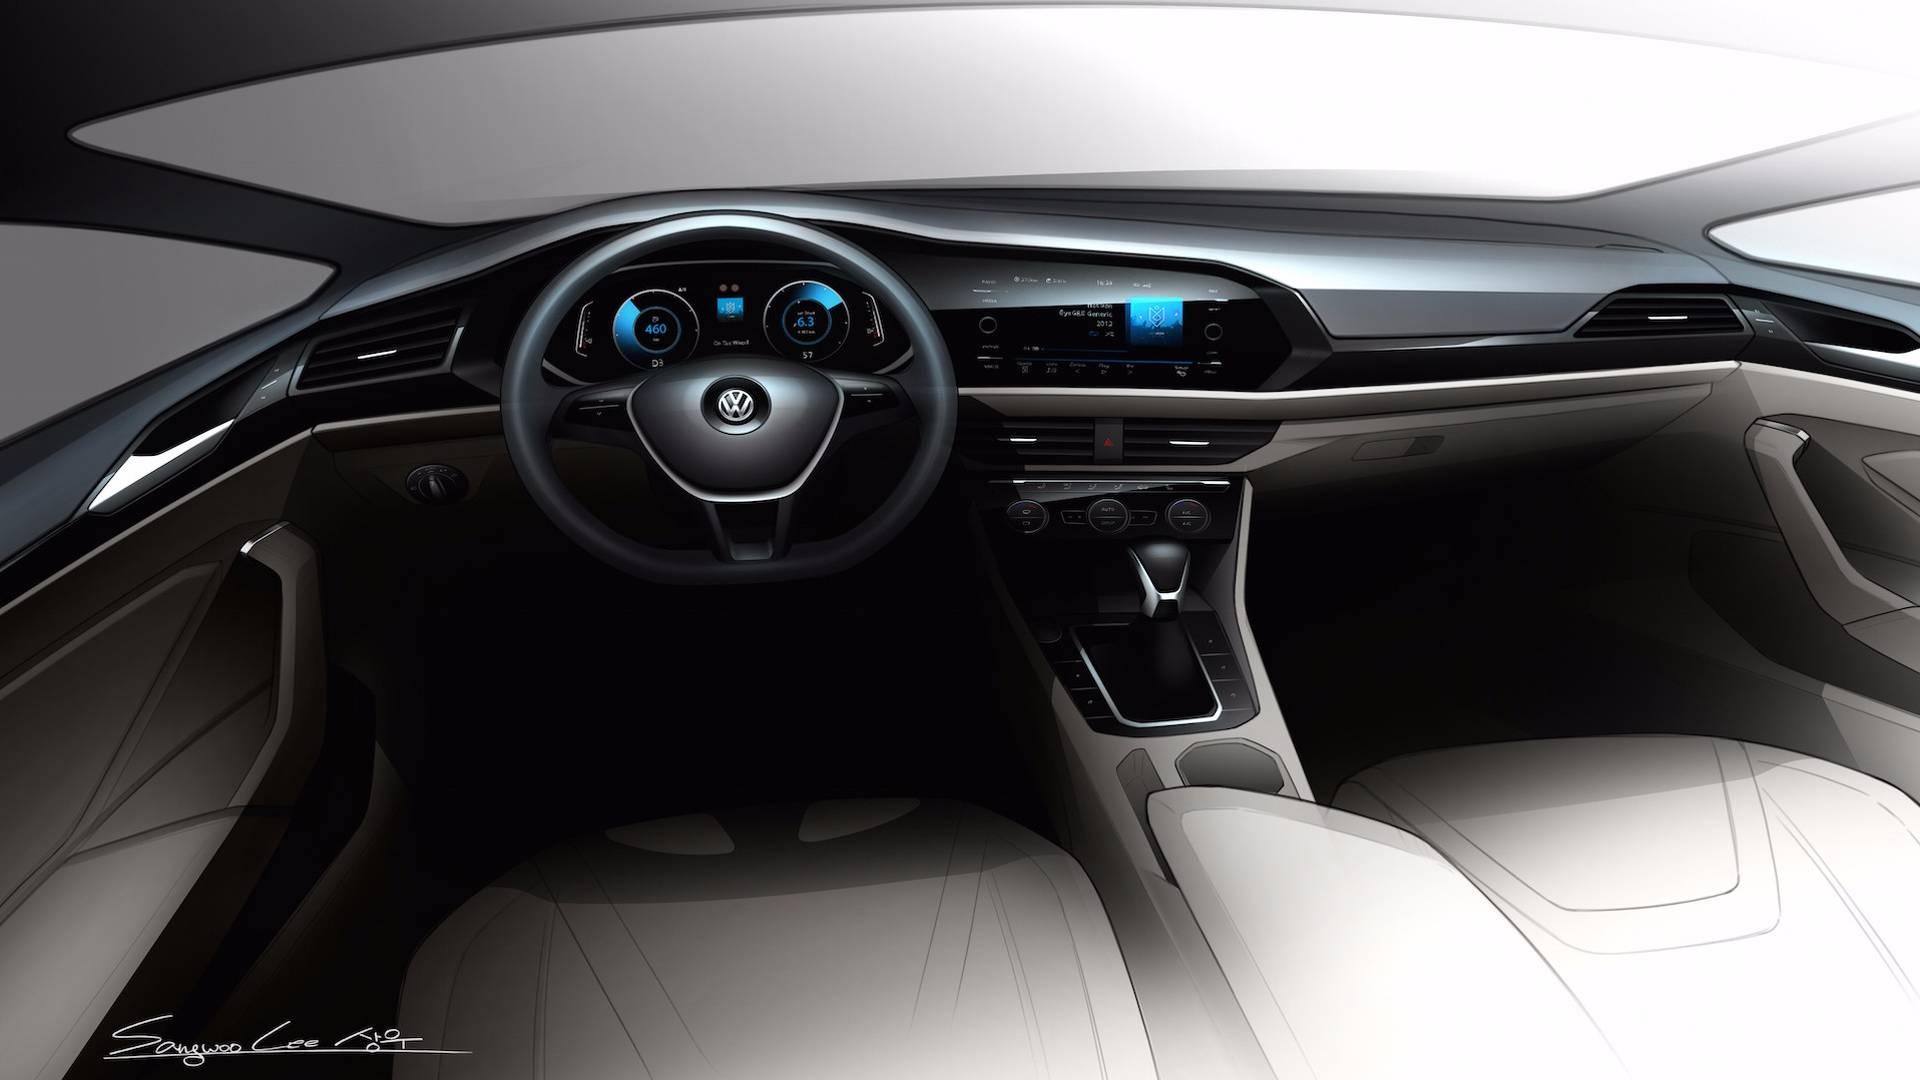 Volkswagen 2018 Jettanın Yeni çizimlerini Paylaştı